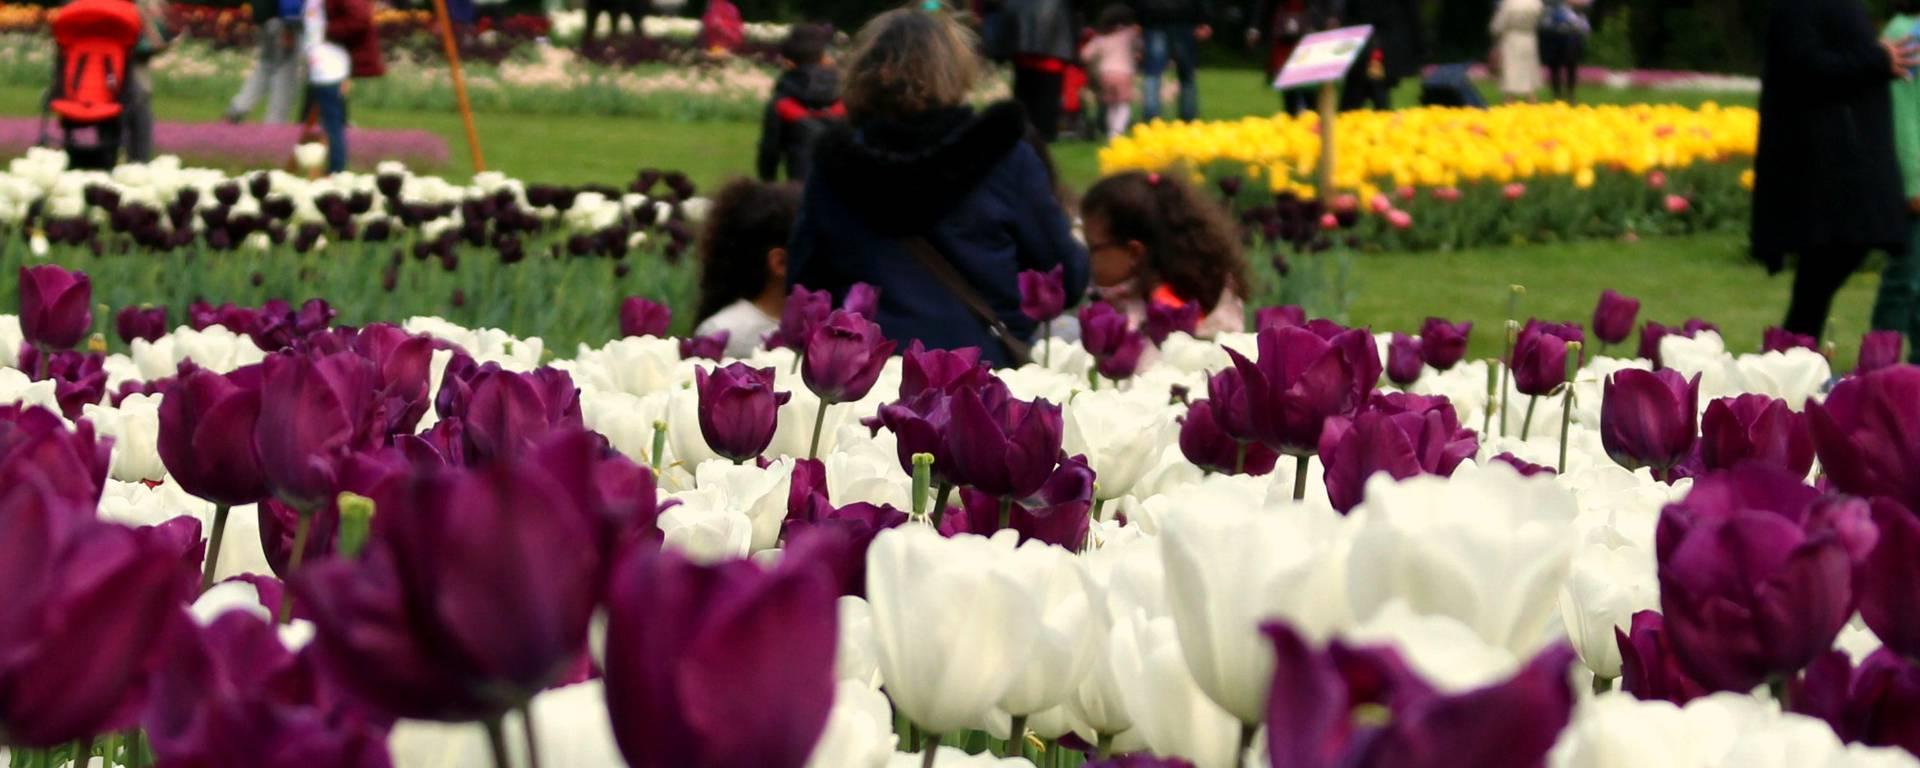 La Fête des tulipes - Saint-Denis